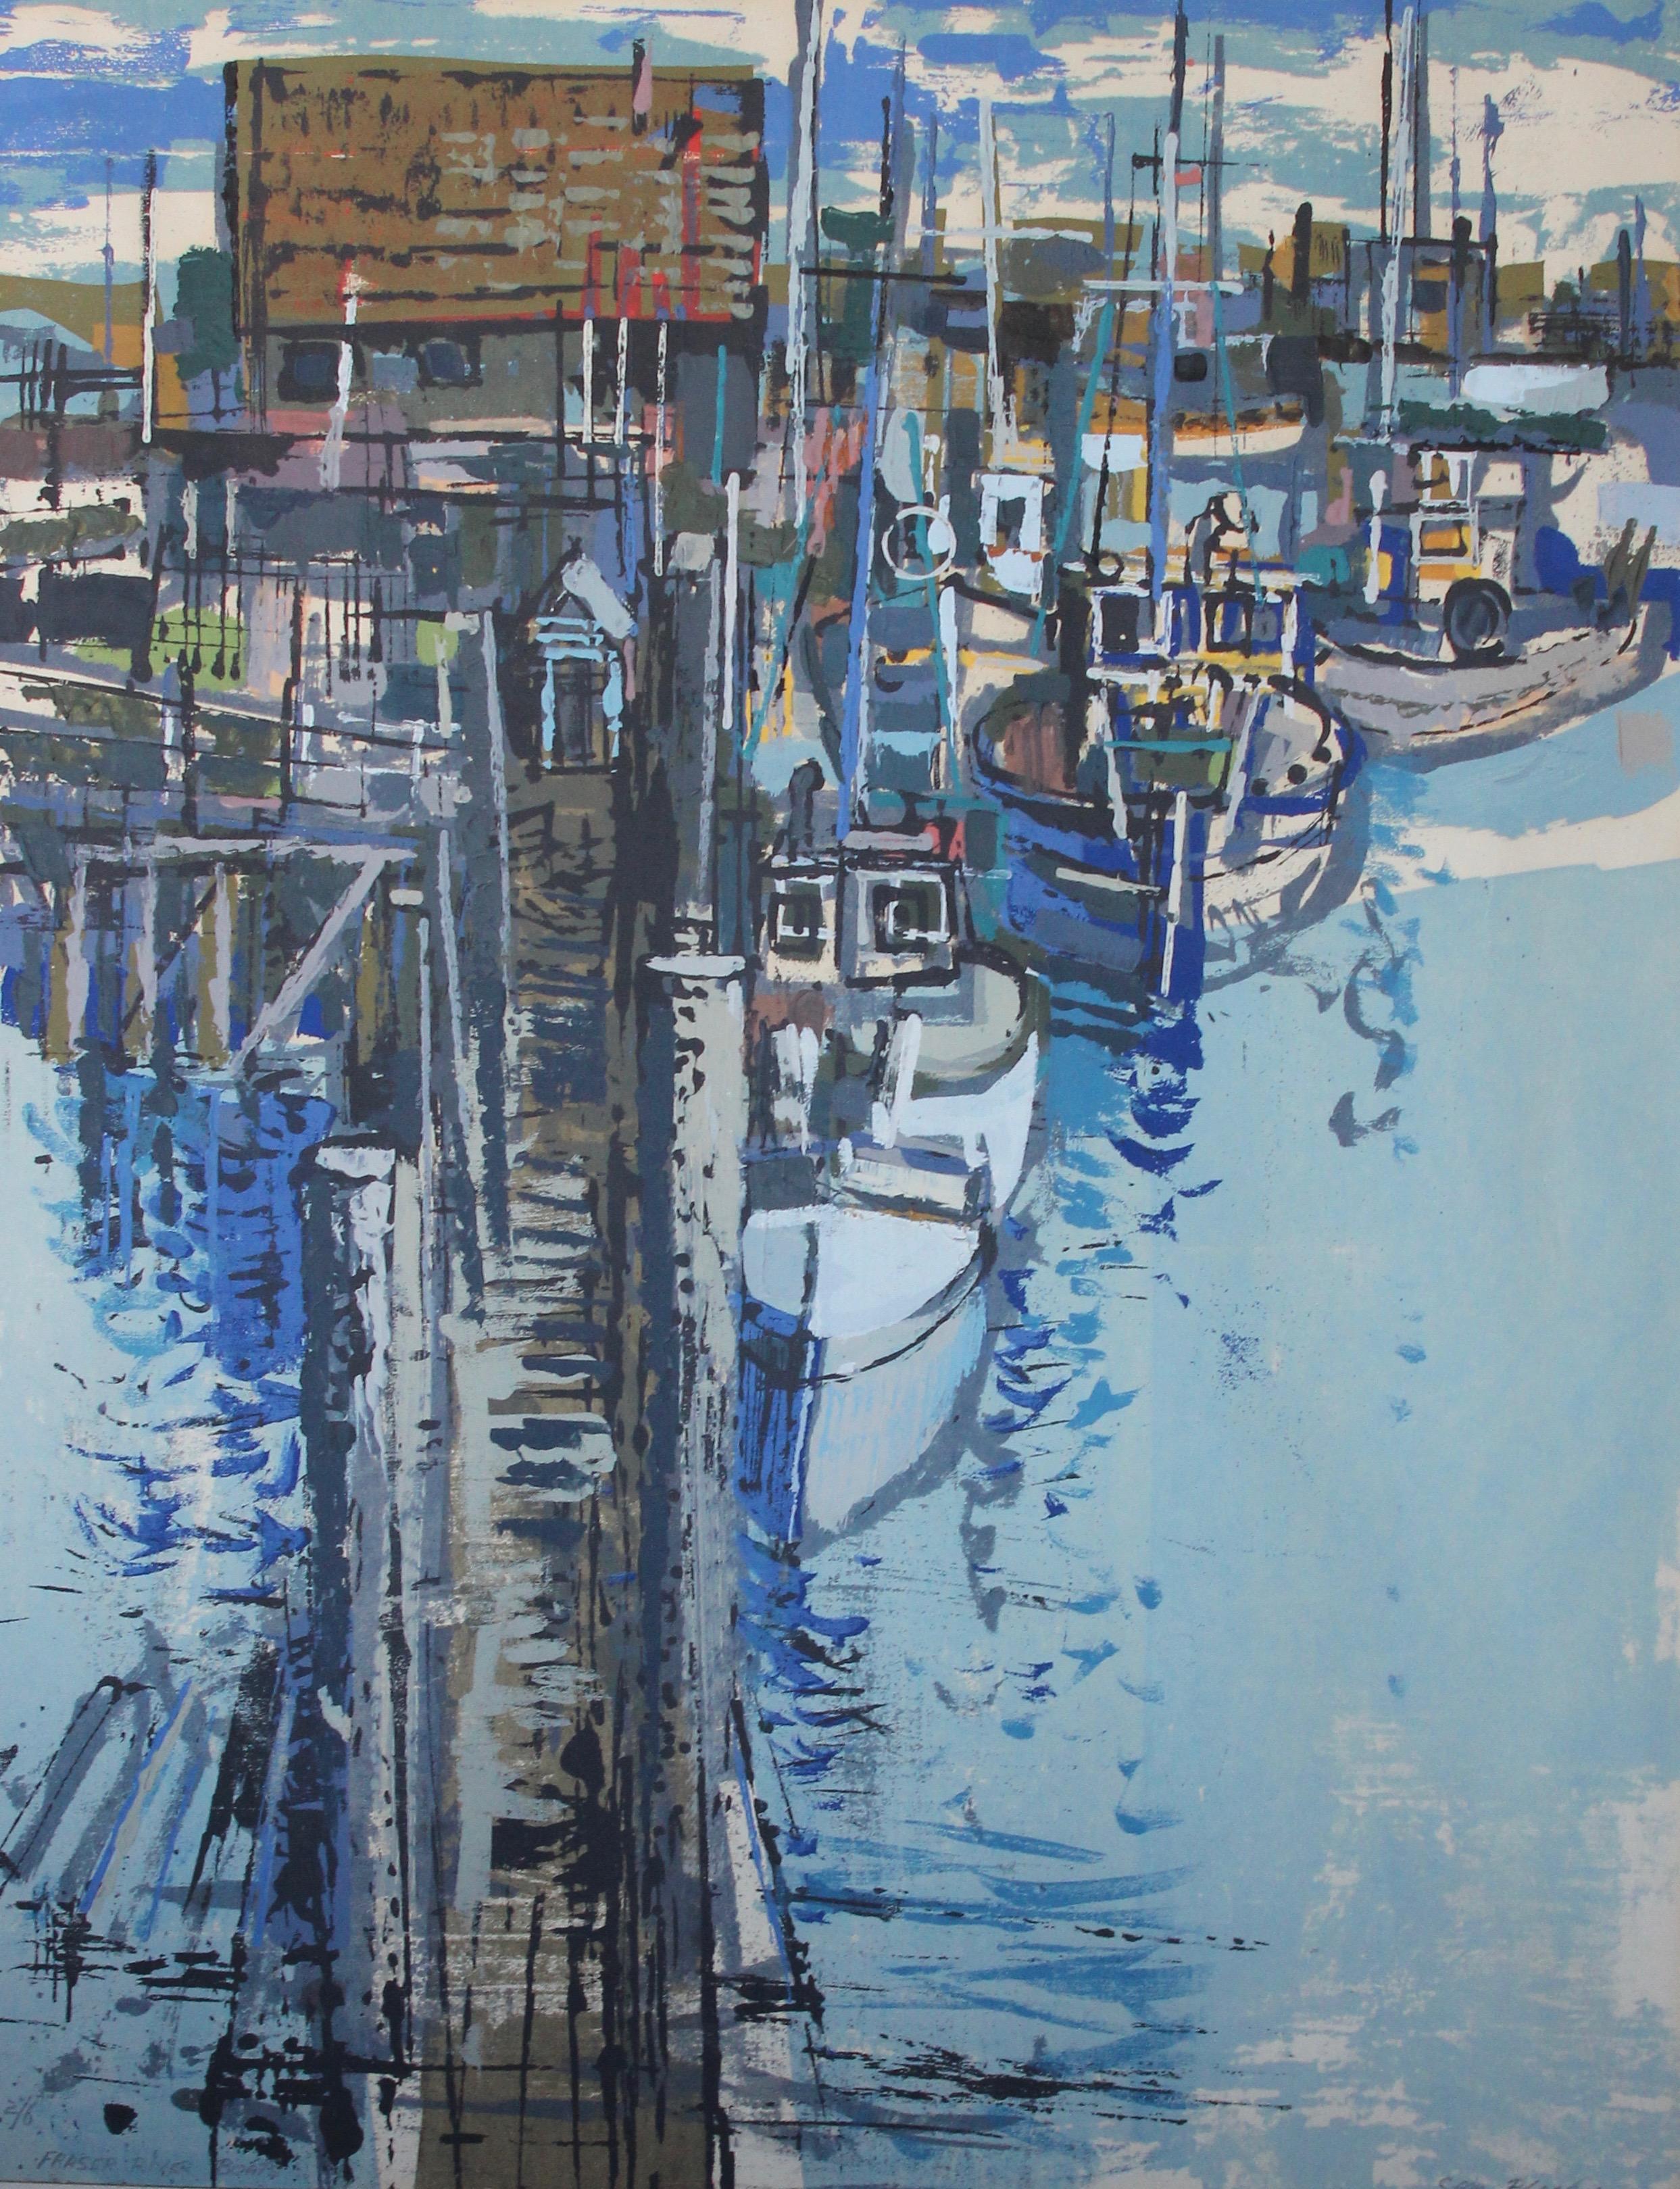 Sam Black, Fraser River Boats